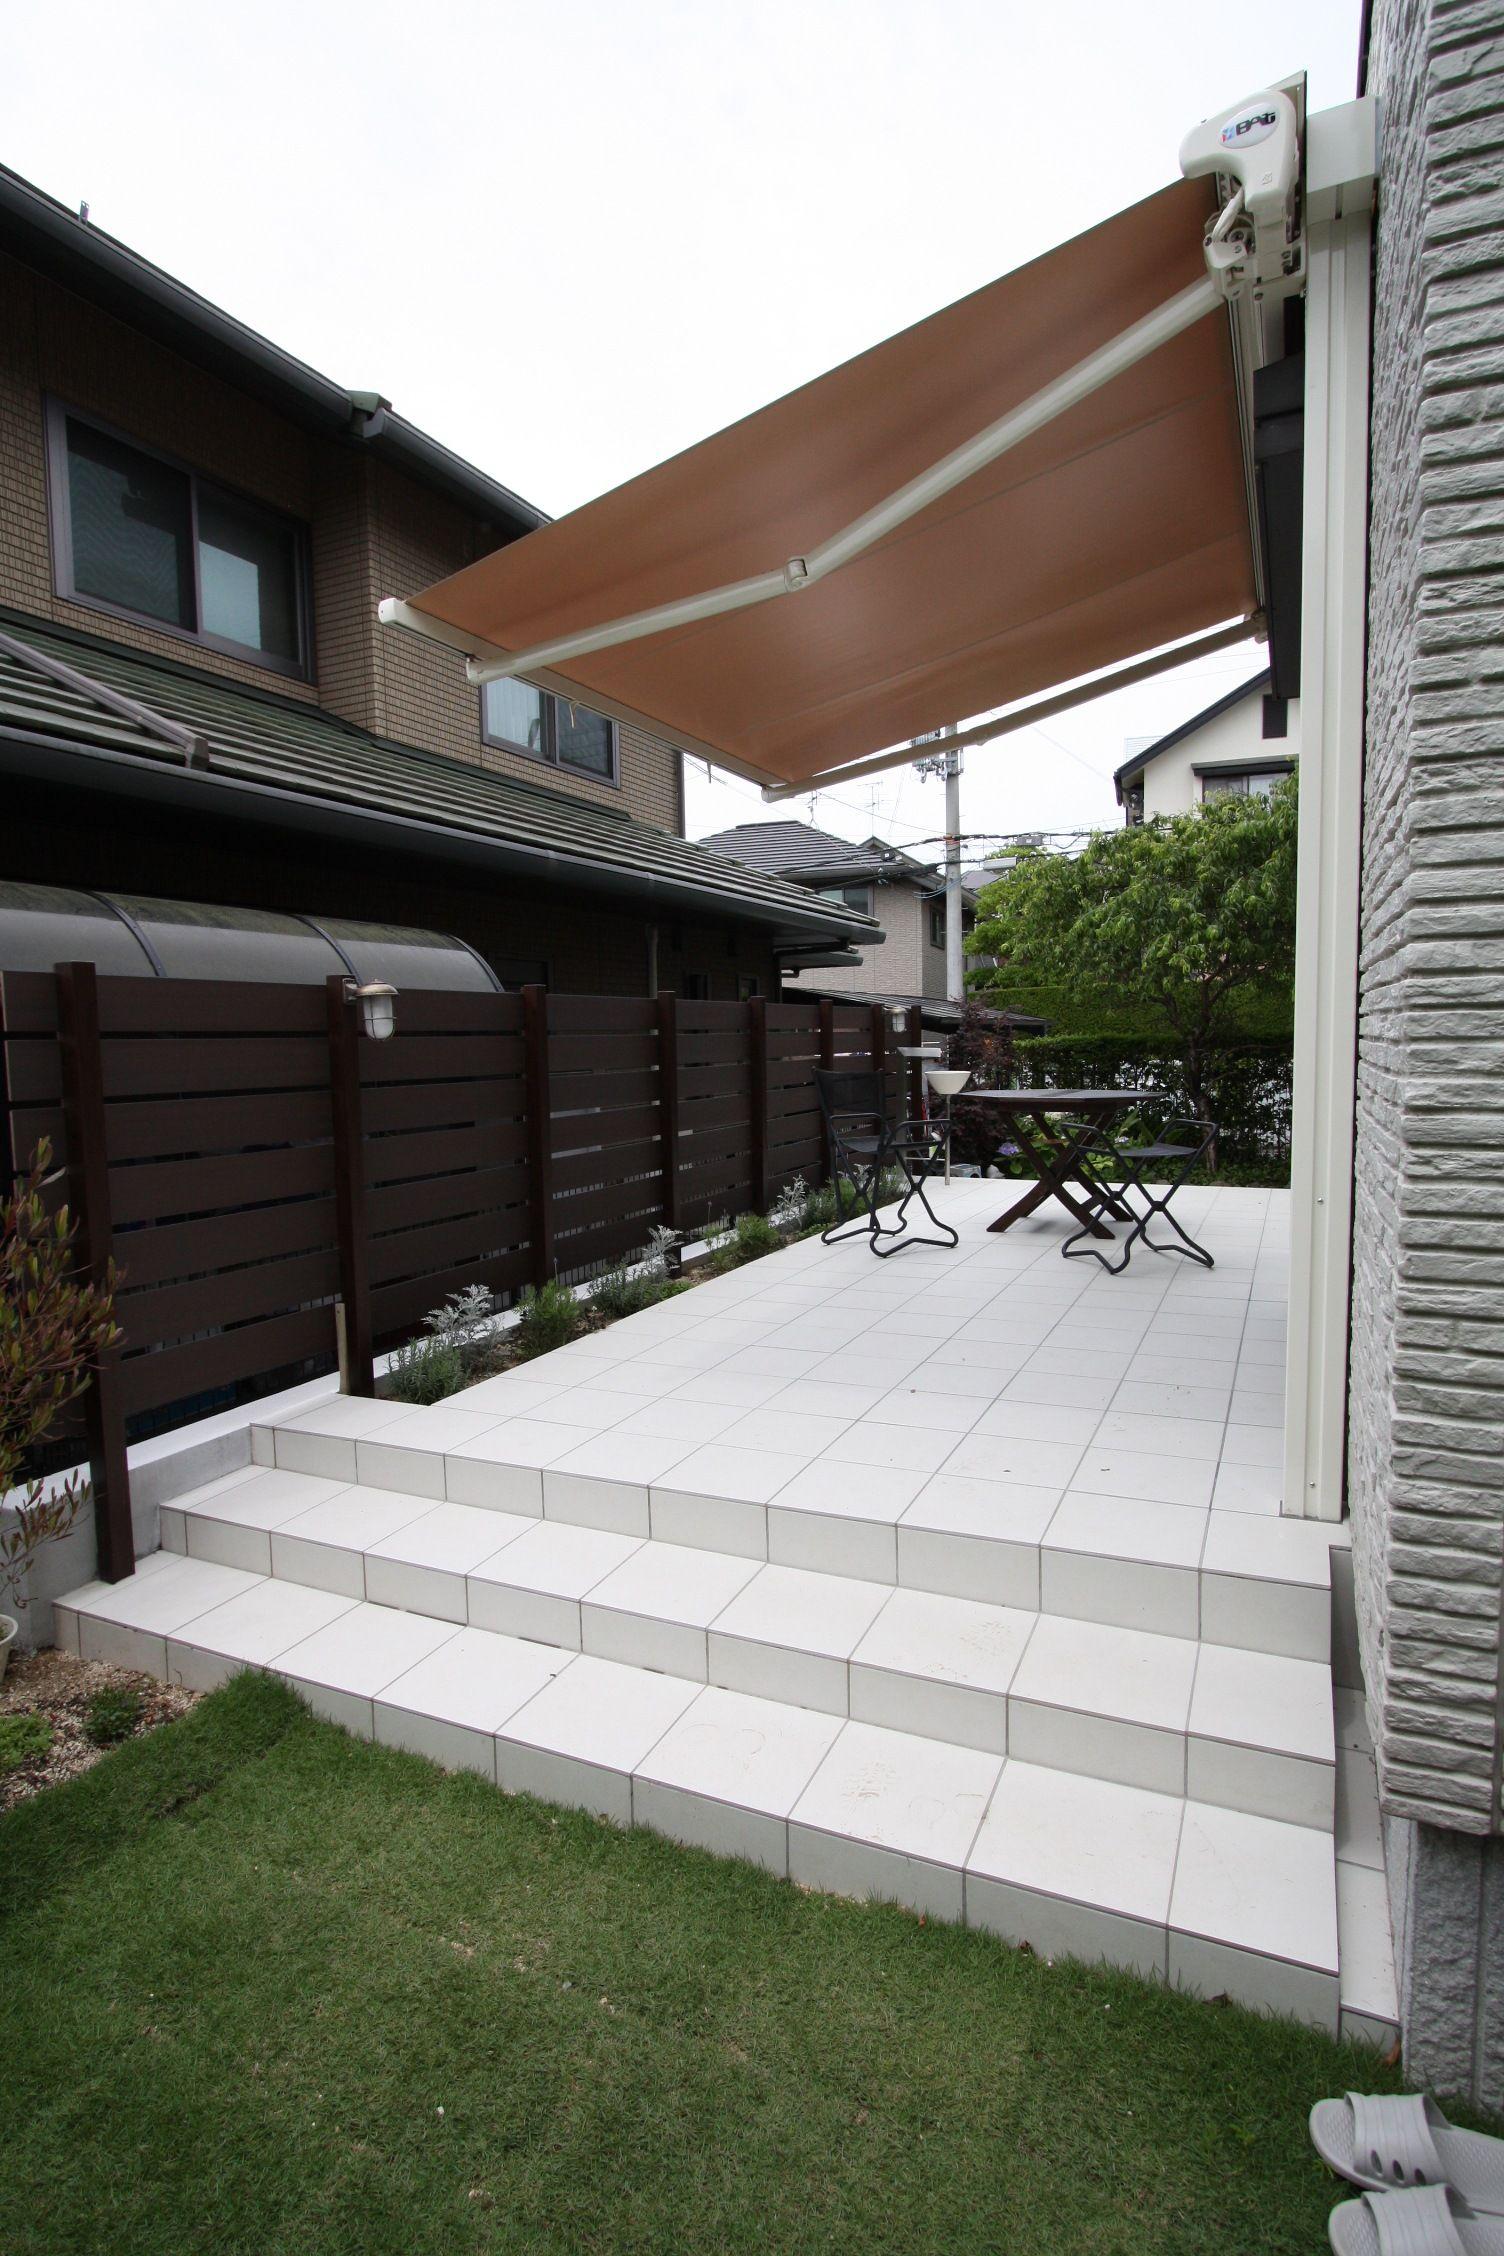 タイルテラスとオーニングの組み合わせ 生駒市 奈良県 解体土木 四季園 タイルテラス テラスのデザイン パーゴラ 日よけ